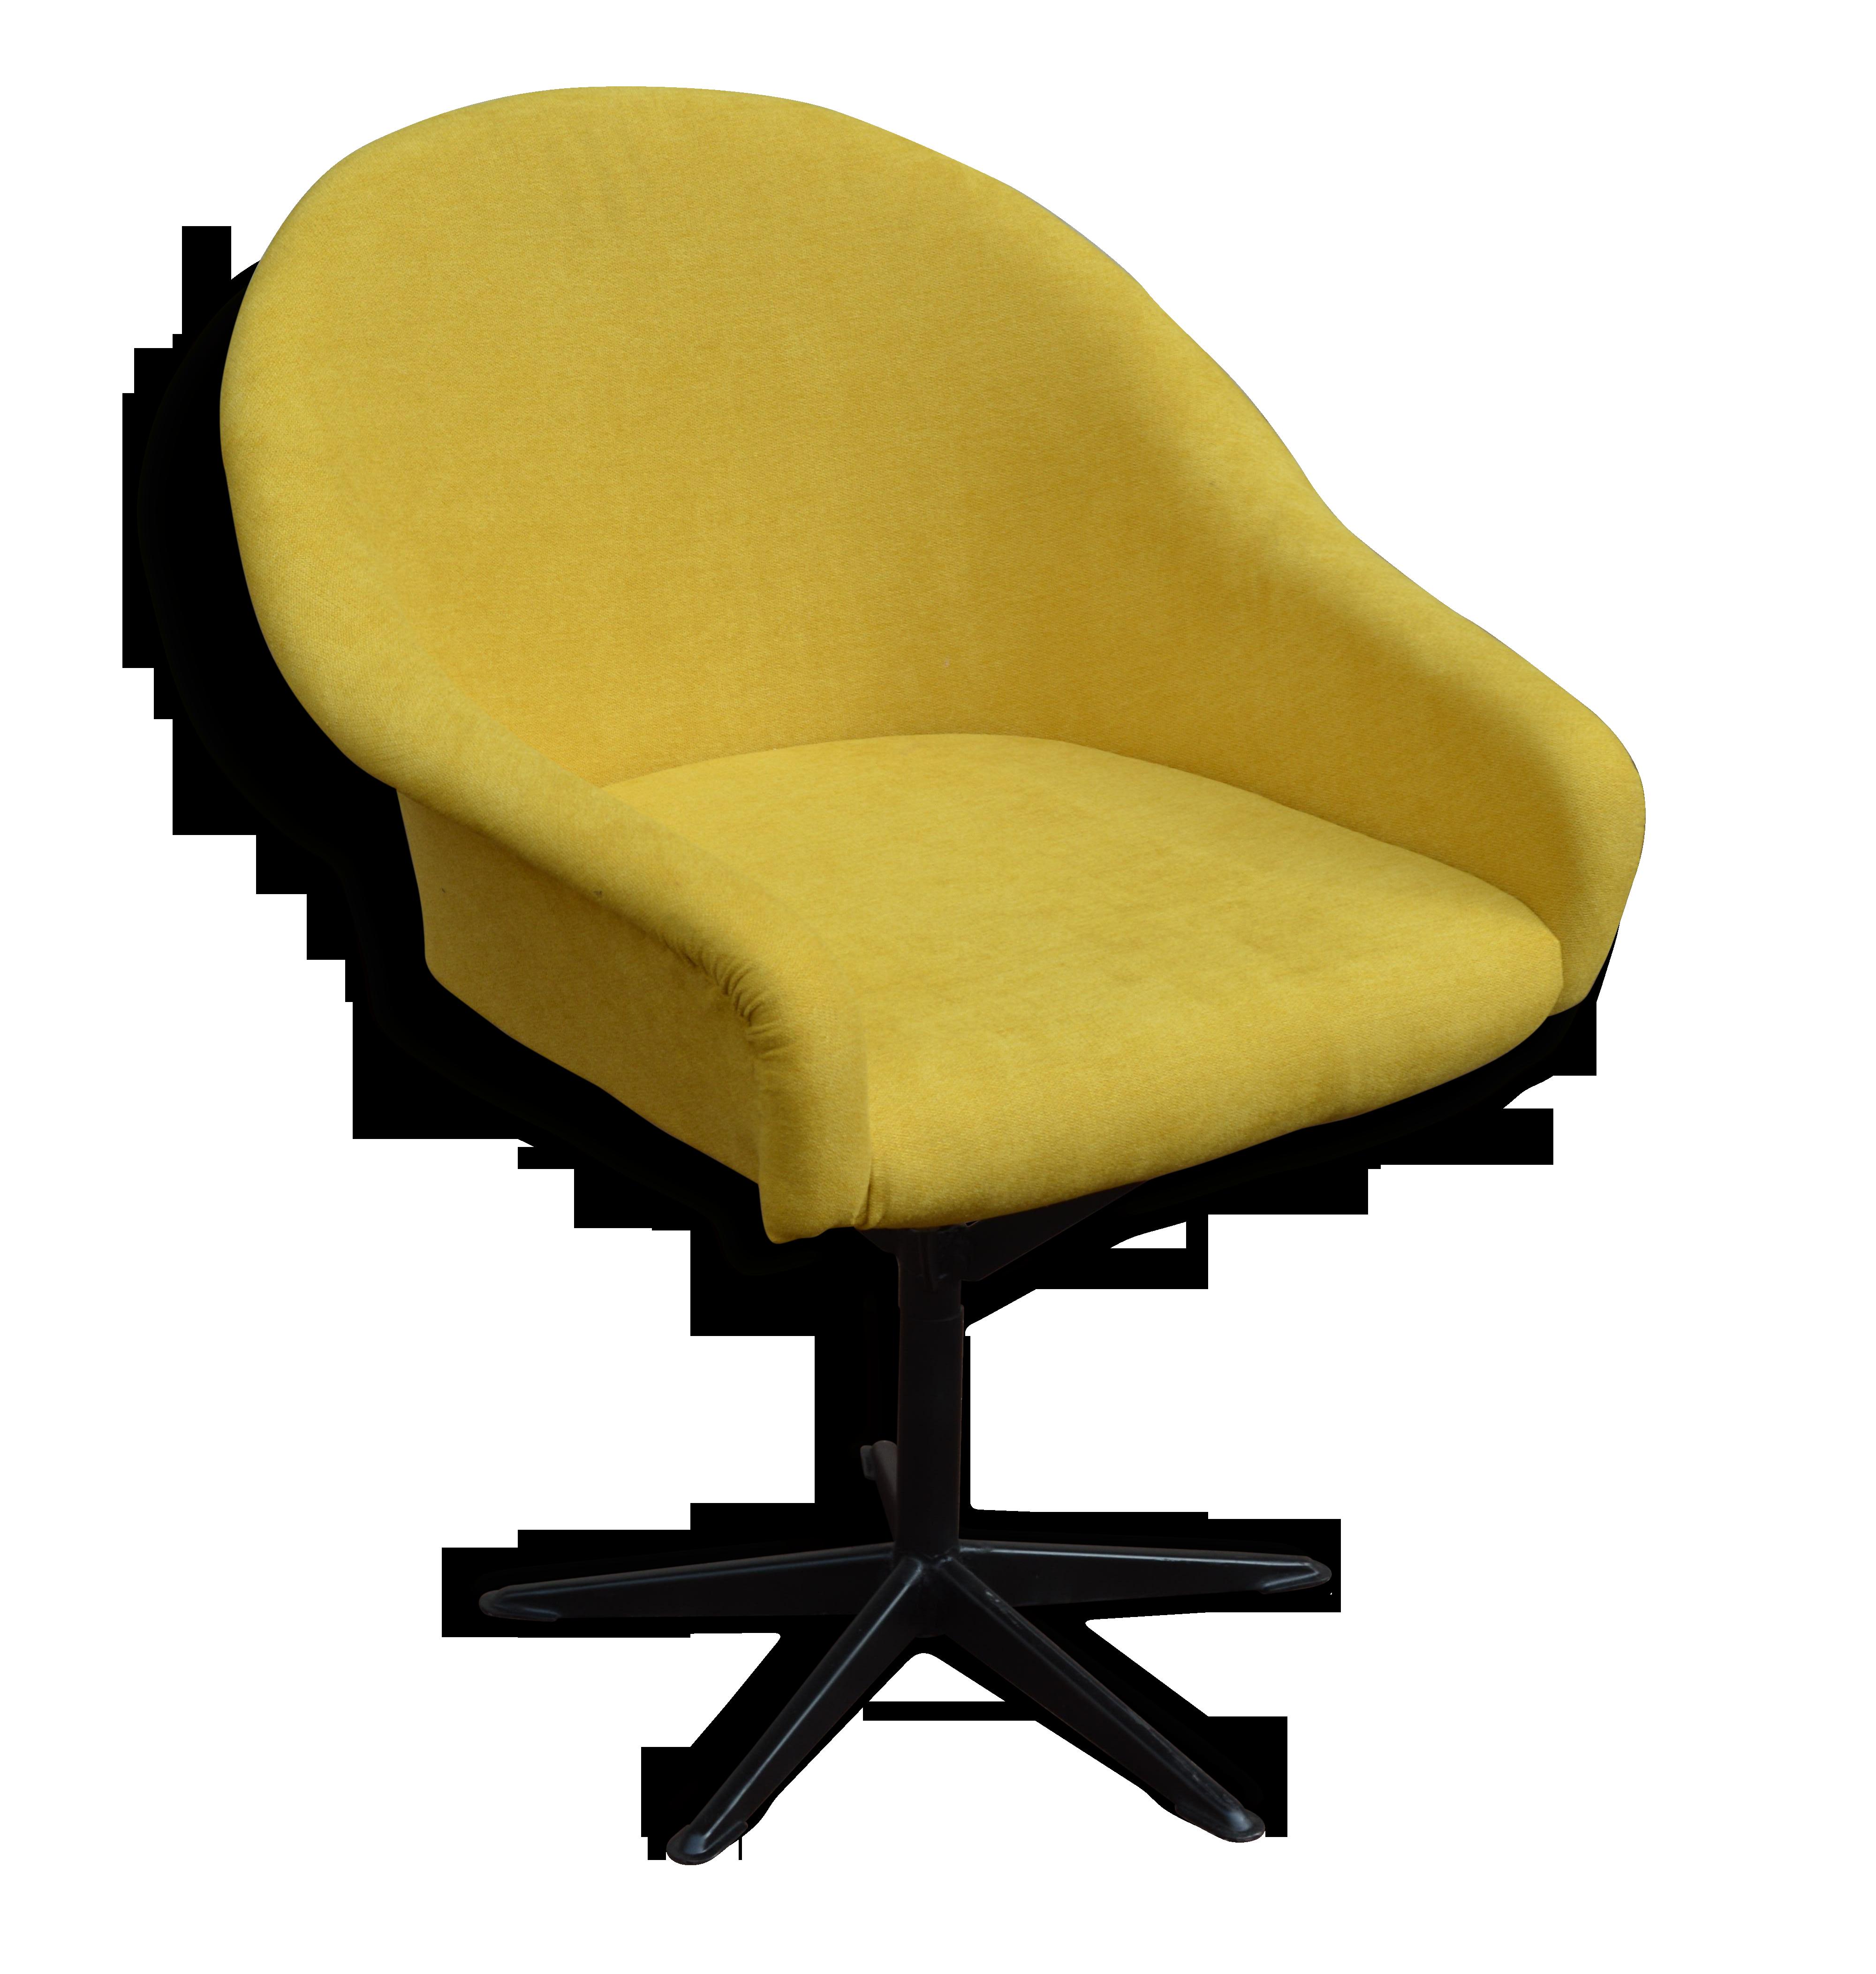 Fauteuil chaise de bureau vintage soviétique jaune moutarde